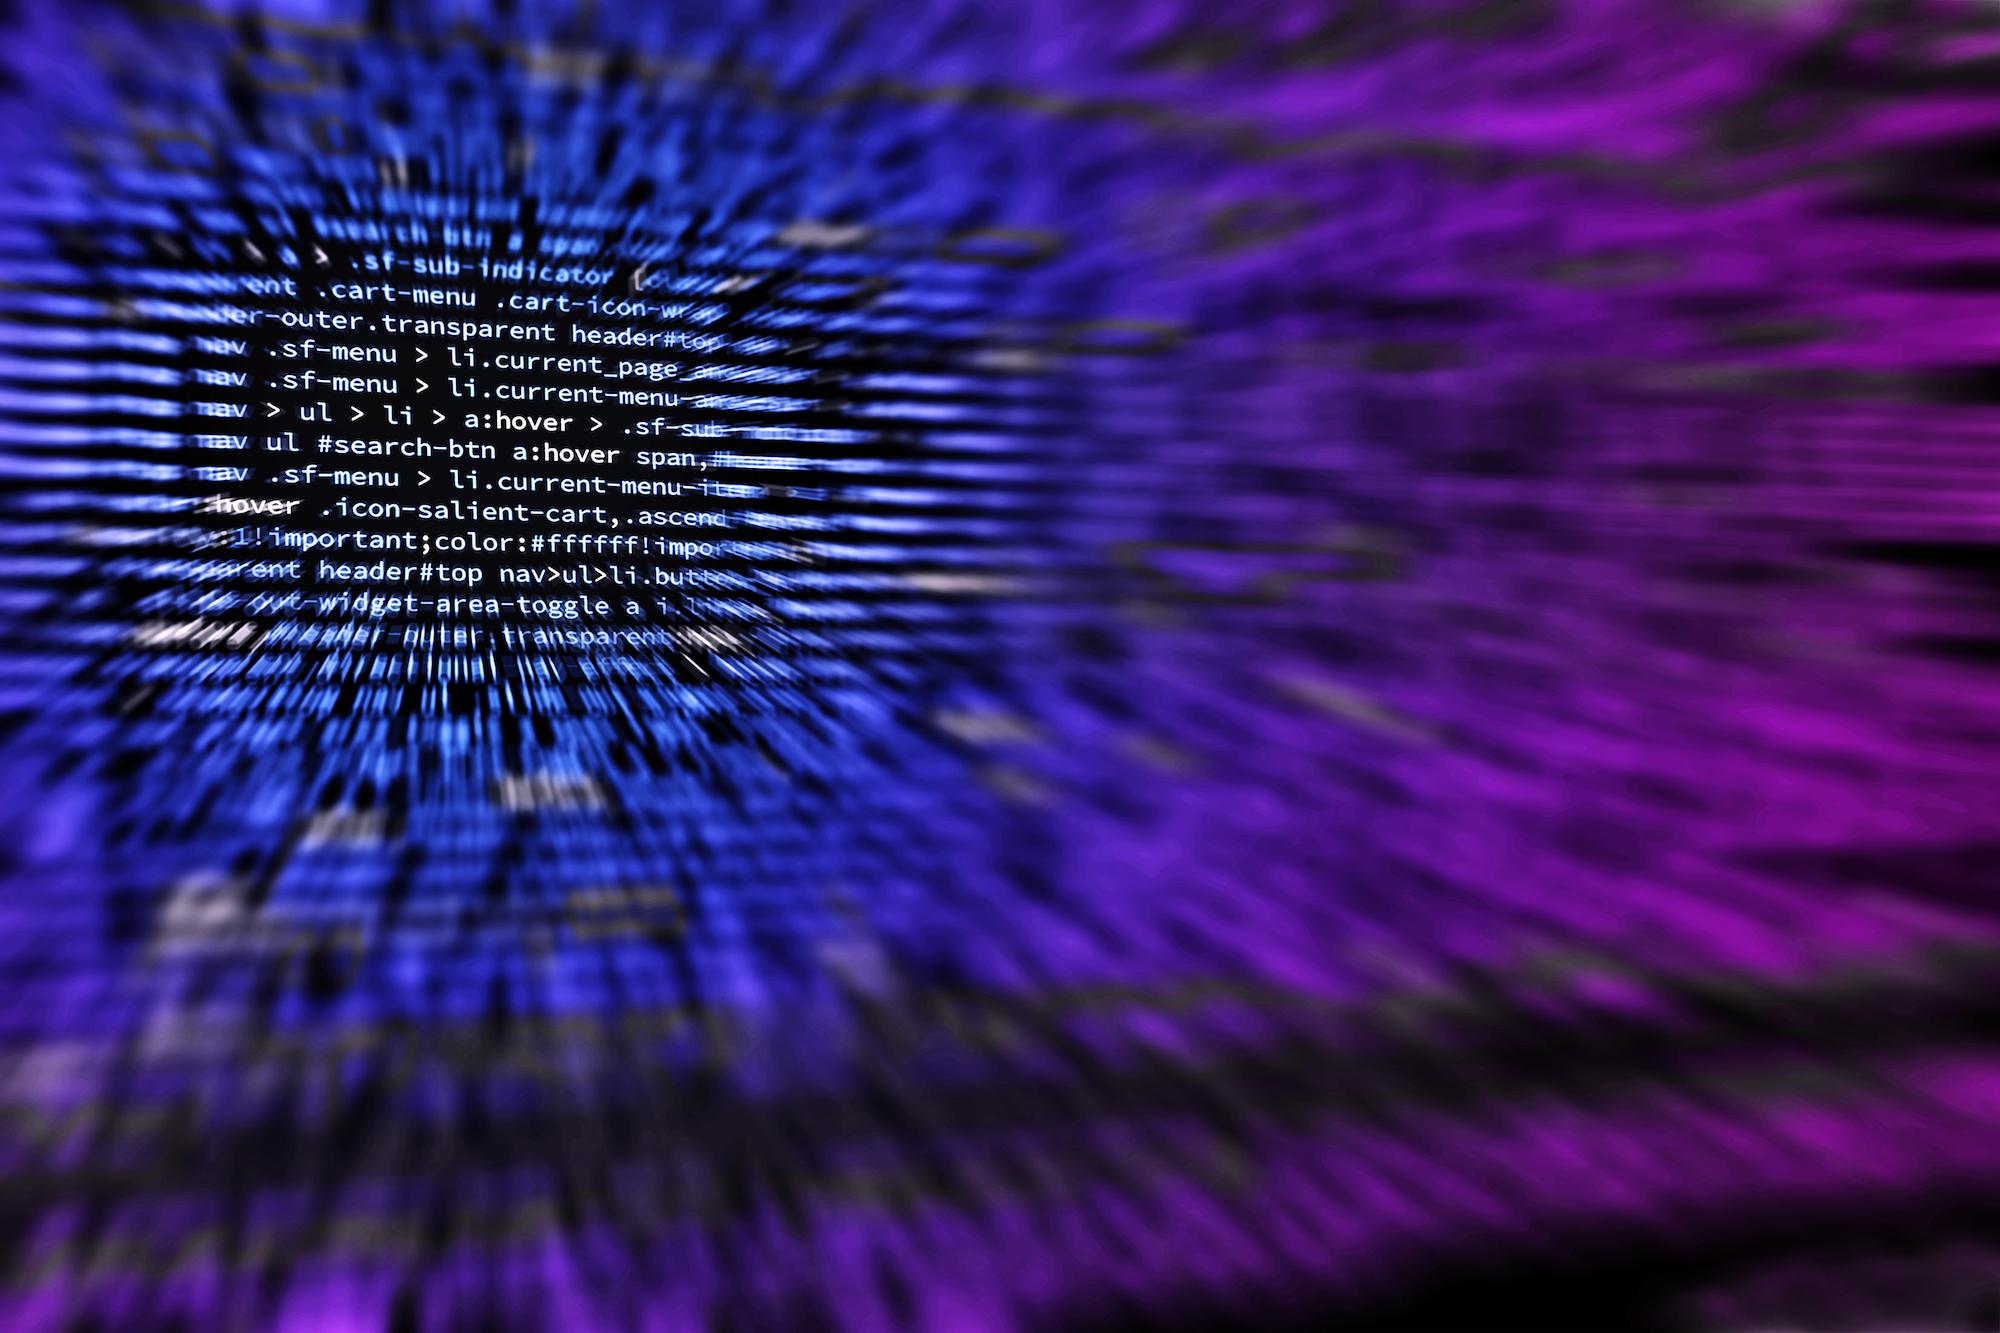 La banque en ligne, sécurité : ce que vous devez savoir